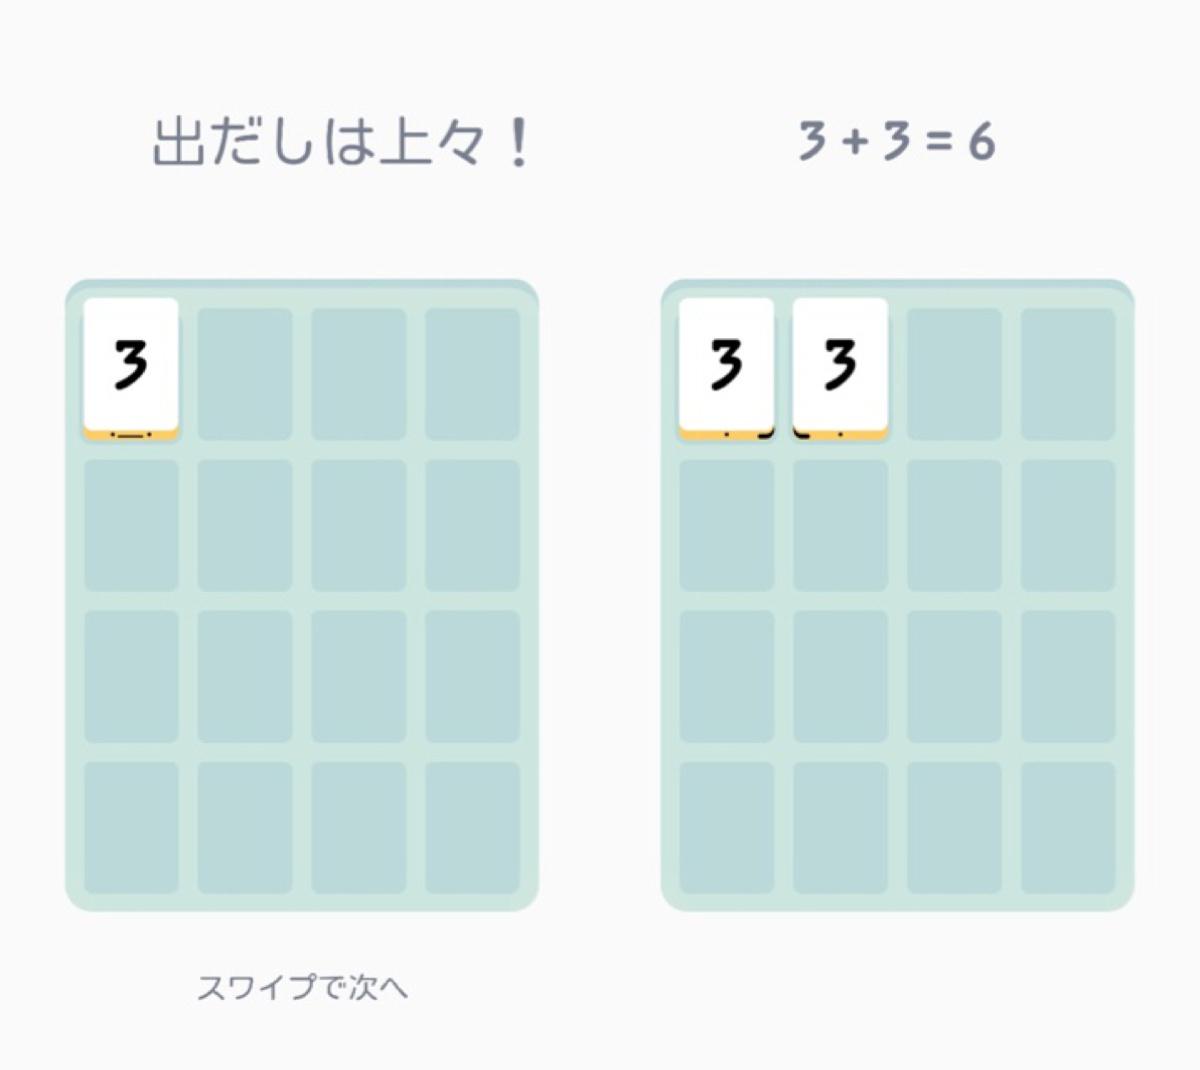 画像2: 暇つぶしにやってみたらハマっちゃった数字パズルゲーム。